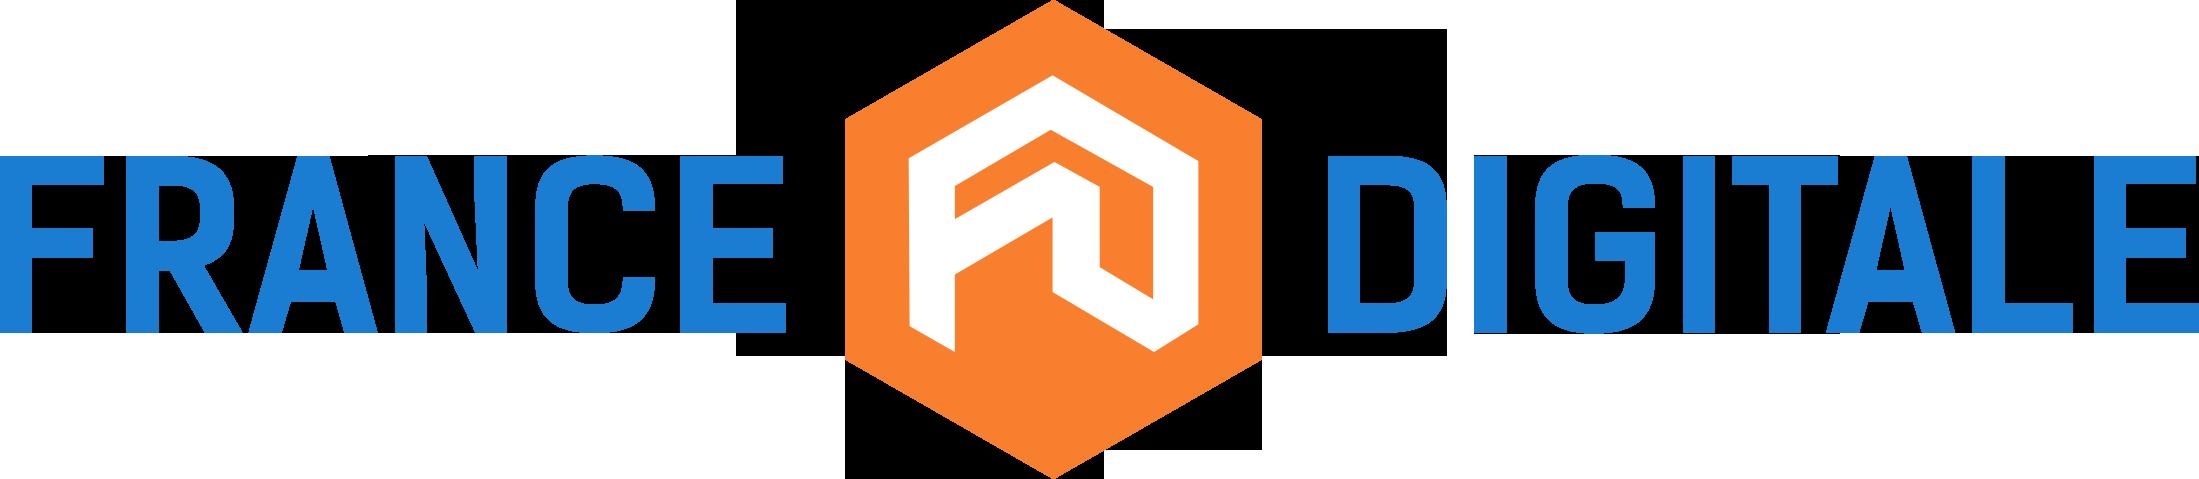 Logo France Digitale png